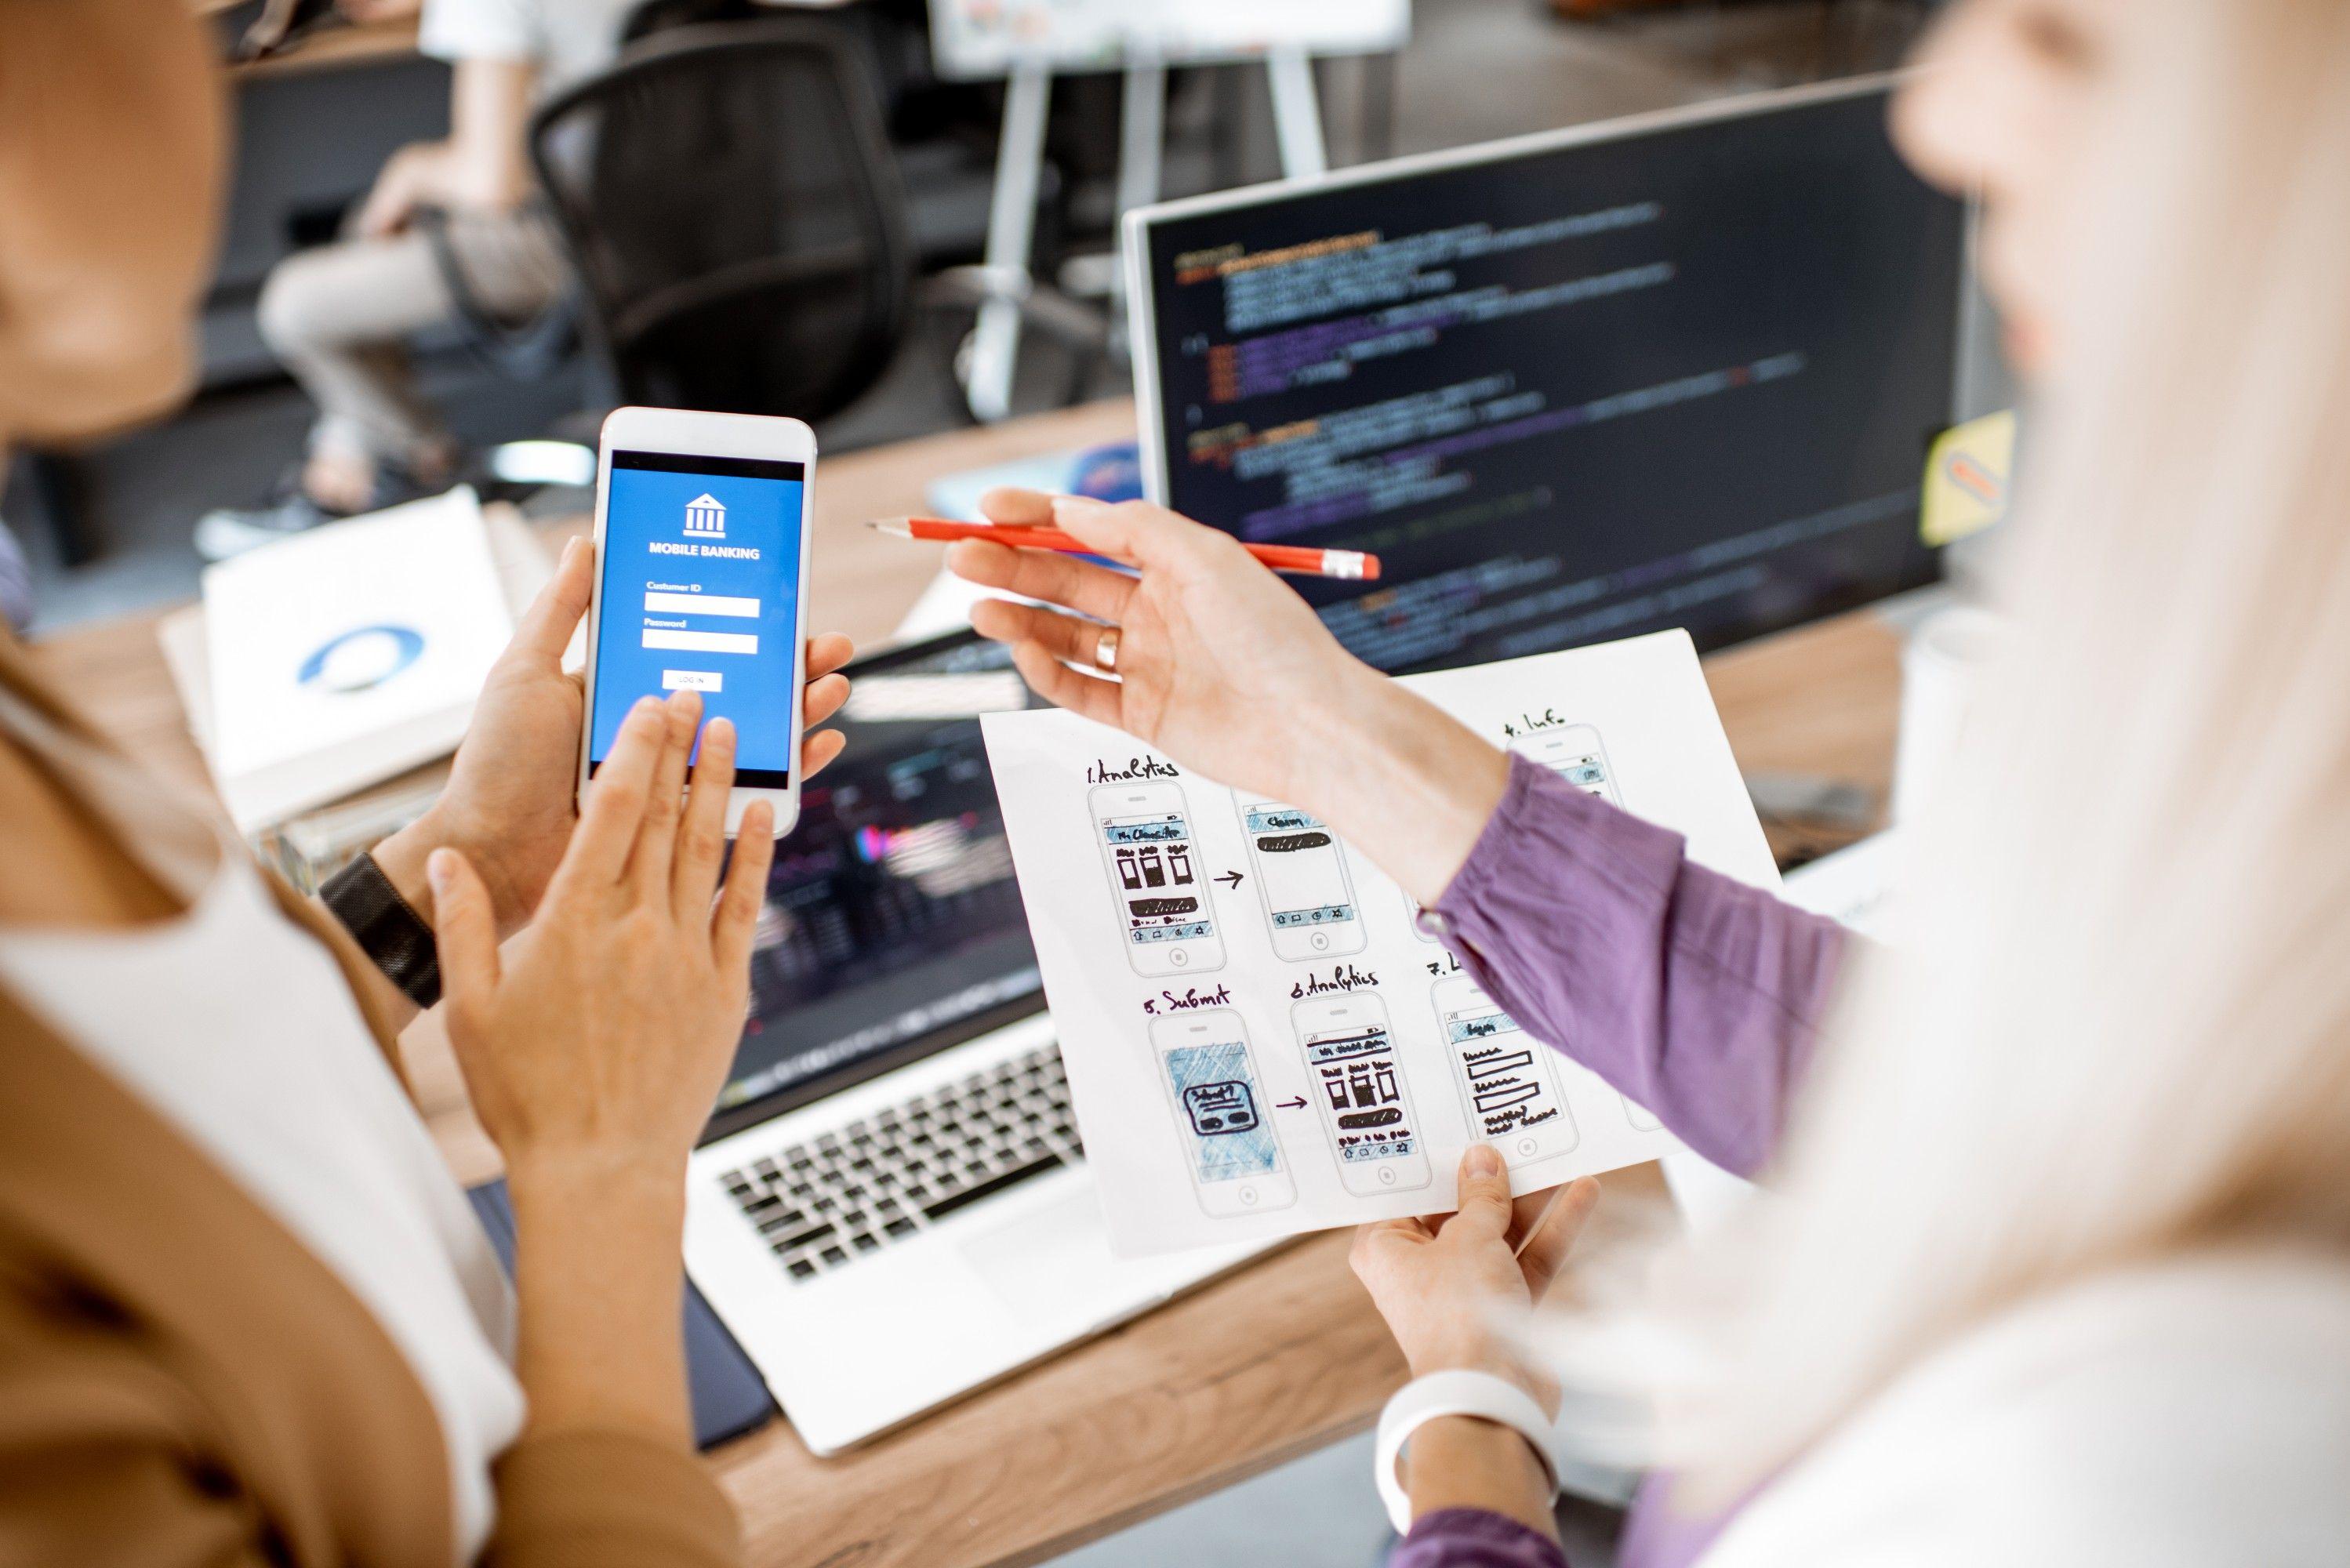 mvp no desenvolvimento de software